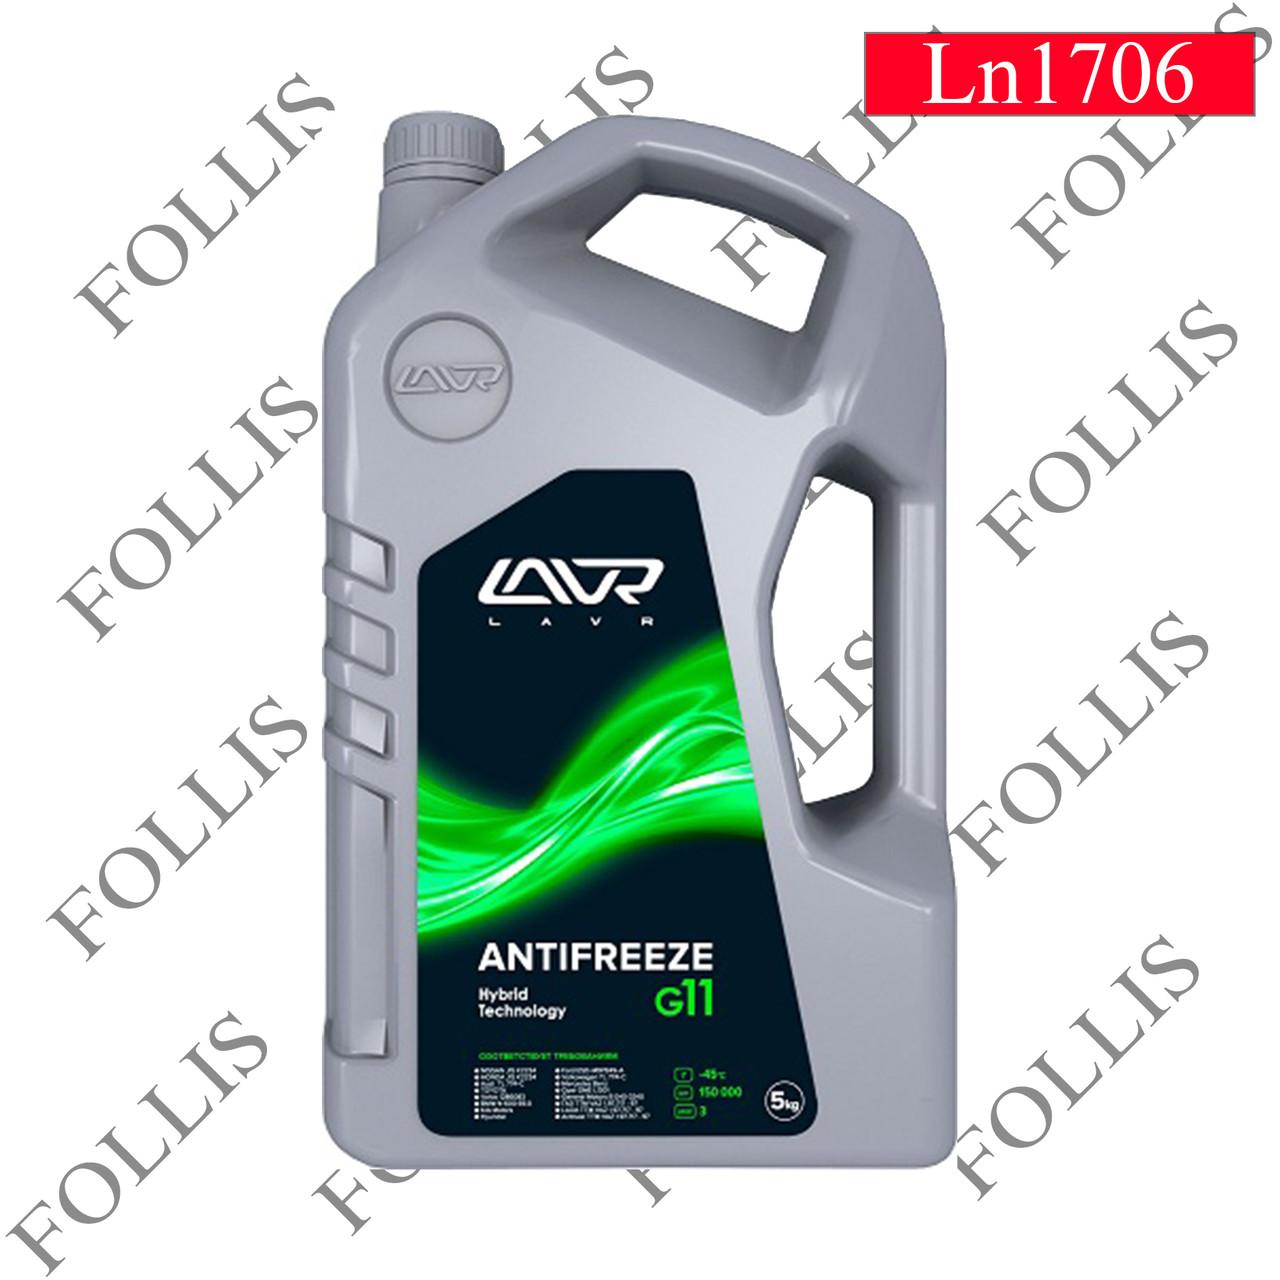 Охлаждающая жидкость ANTIFREEZE LAVR -45 G11 5кг